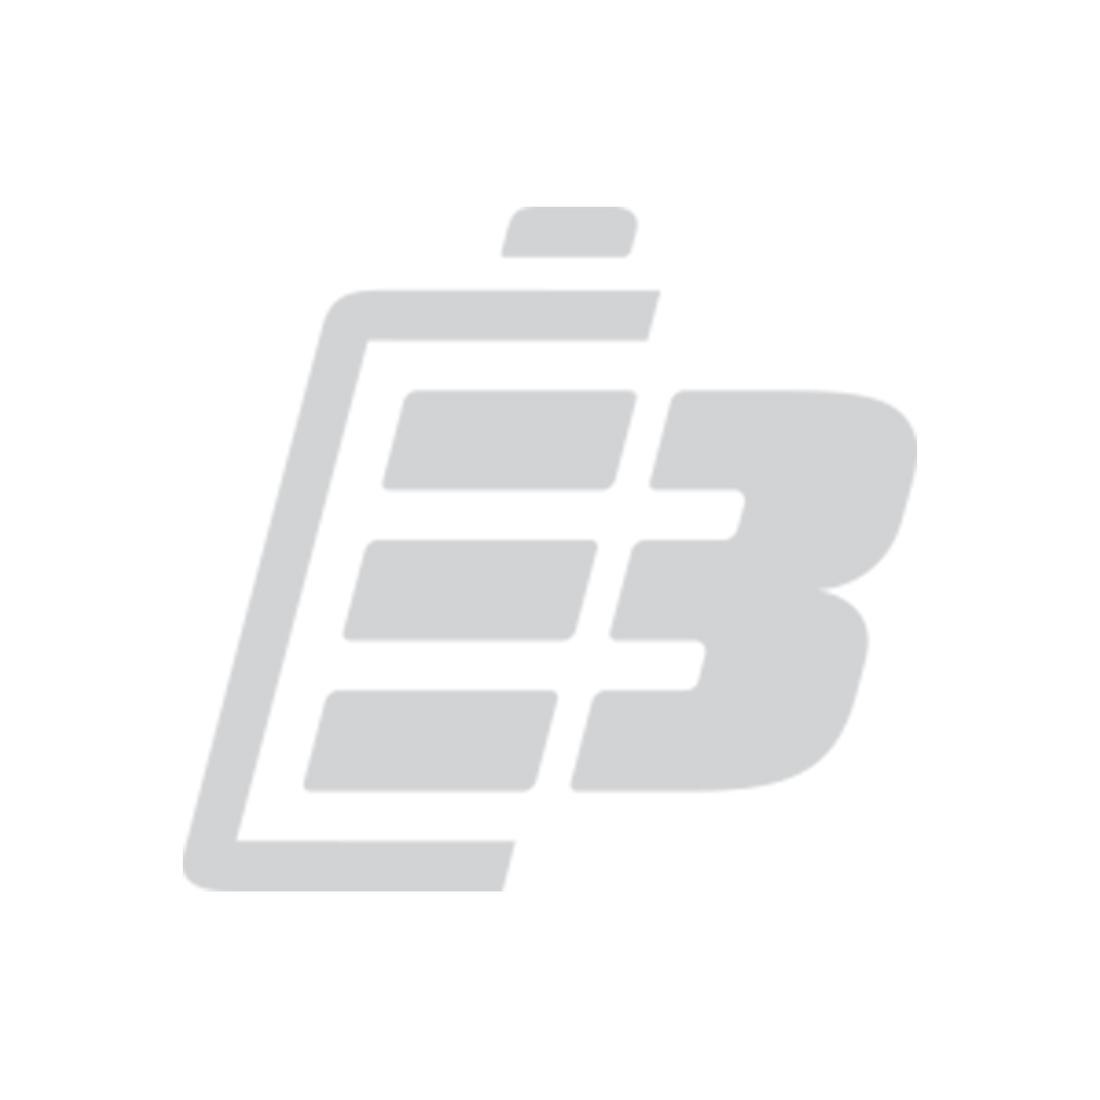 Camcorder battery Sanyo DB-L80_1